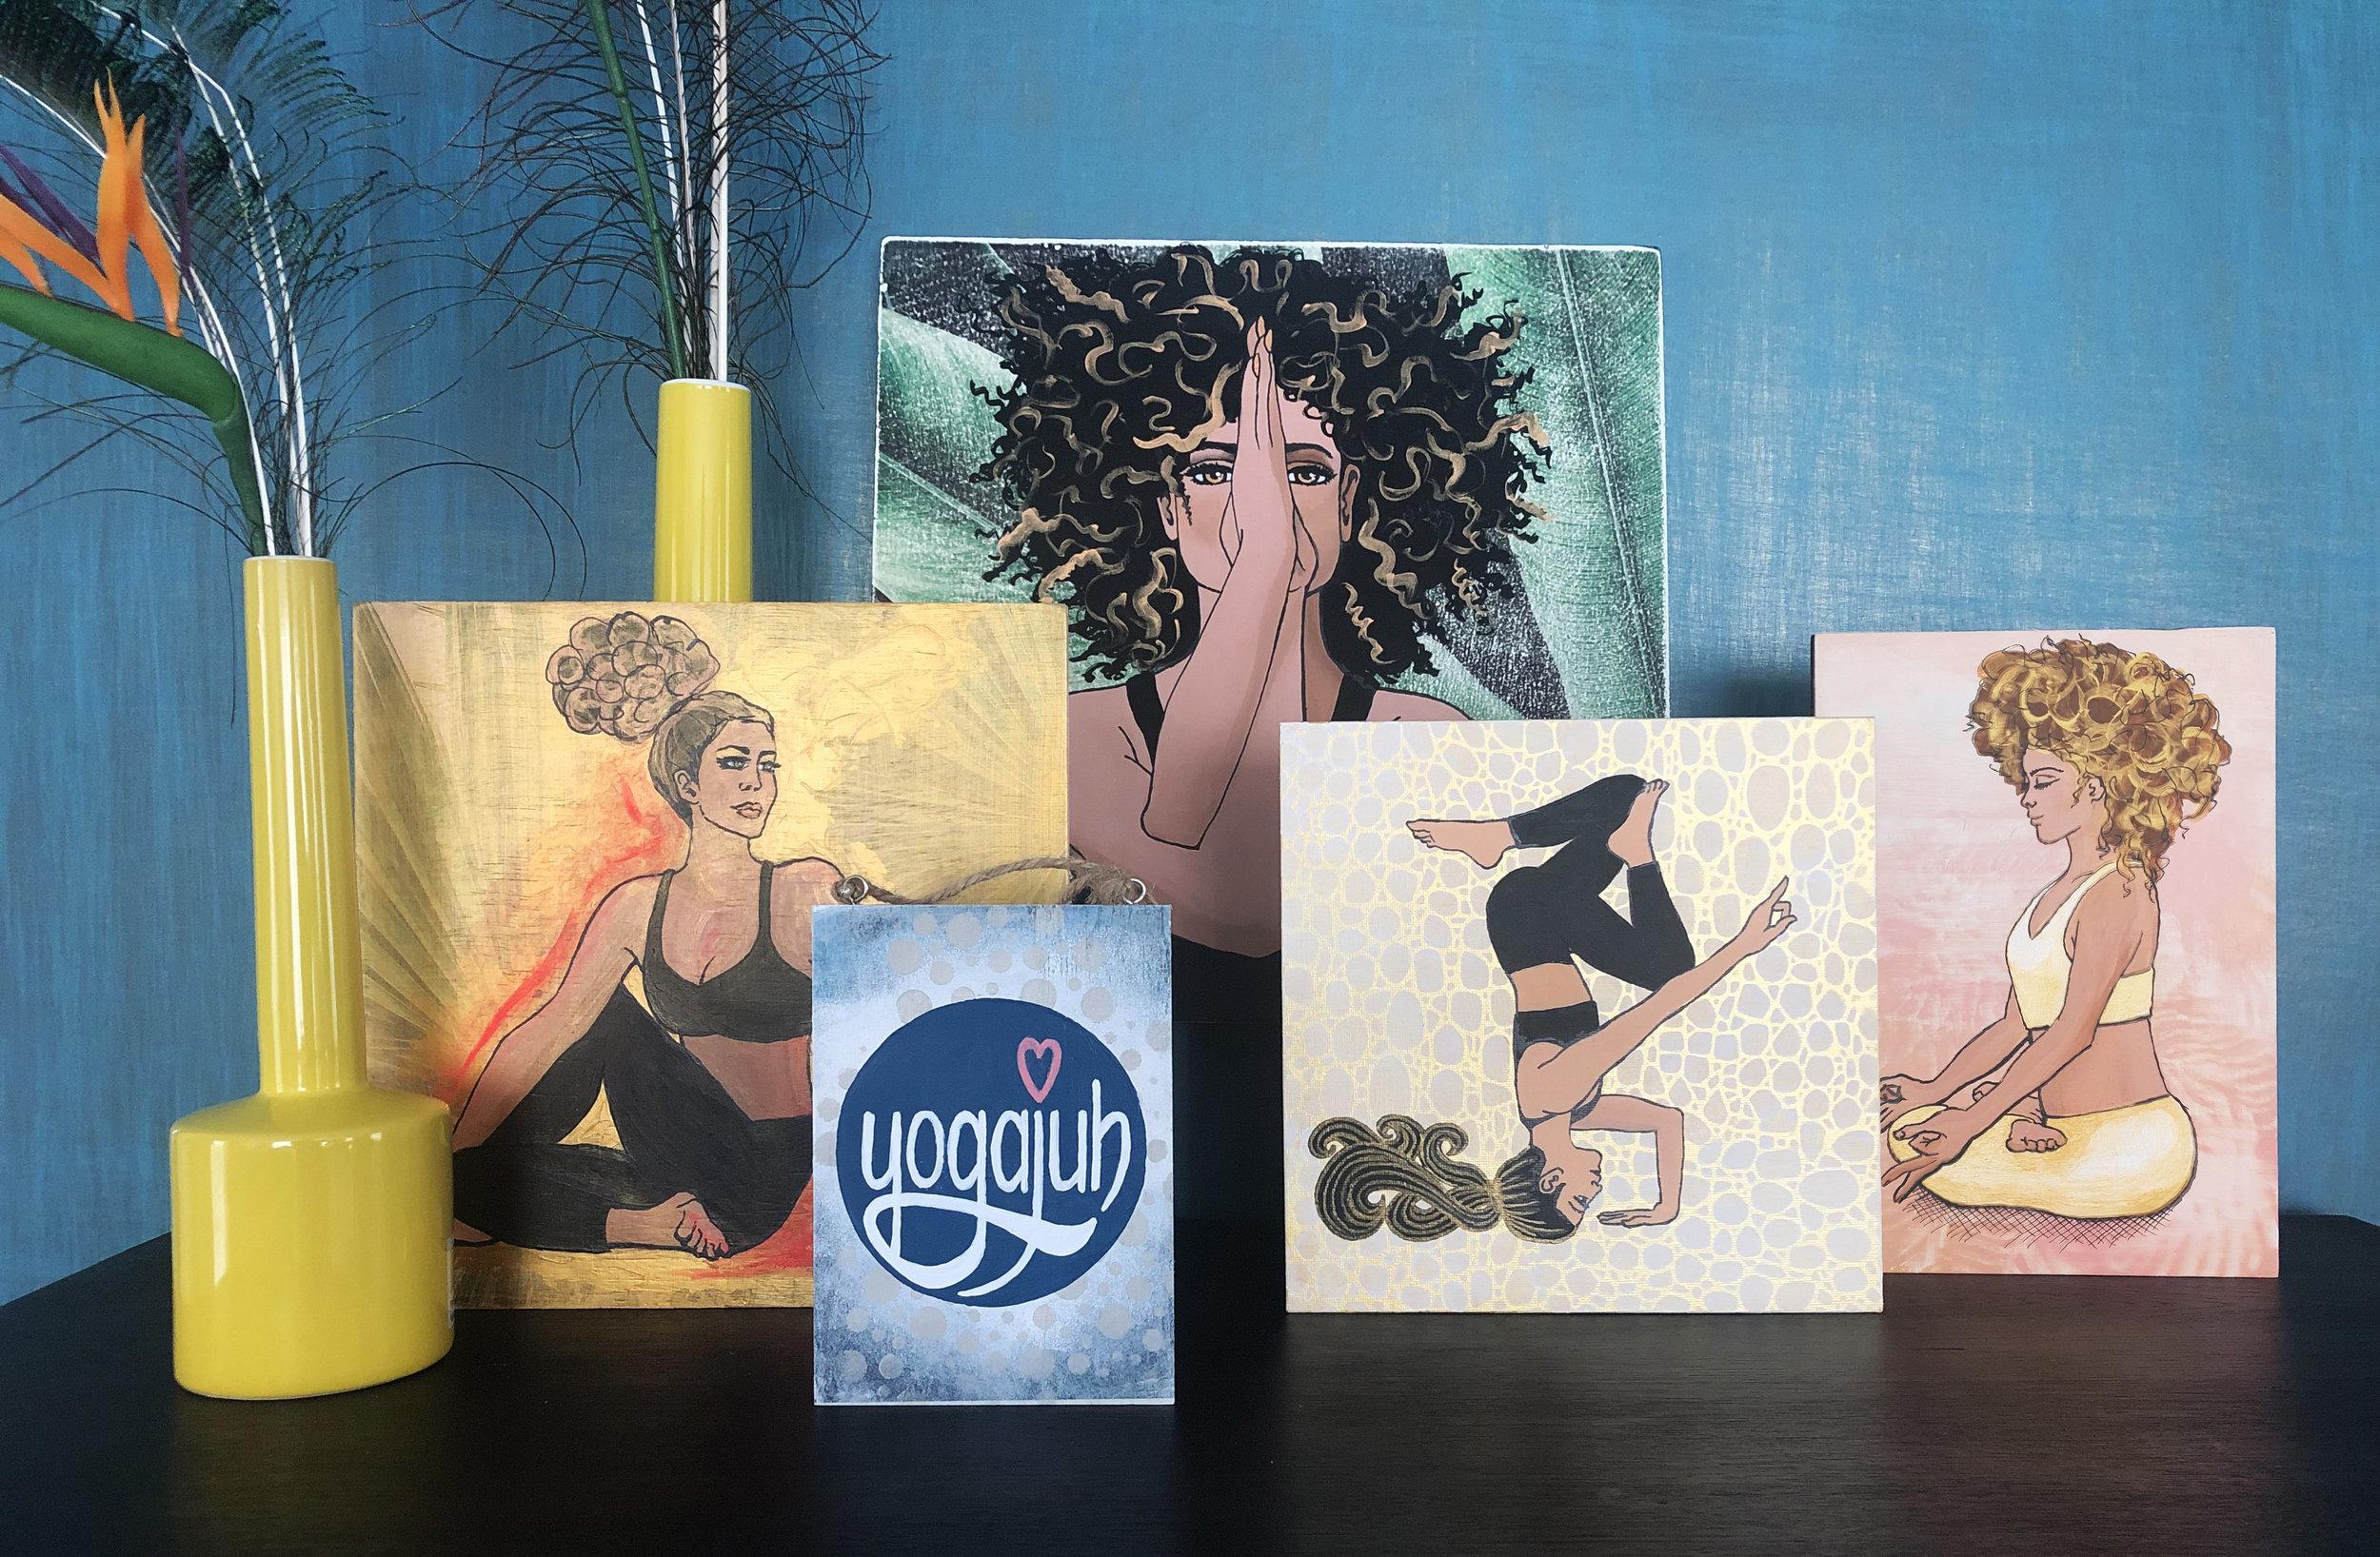 Zou je graag één van onderstaande schilderijen willen kopen? Vul dan het formulier in en ik neem zsm contact met je op.